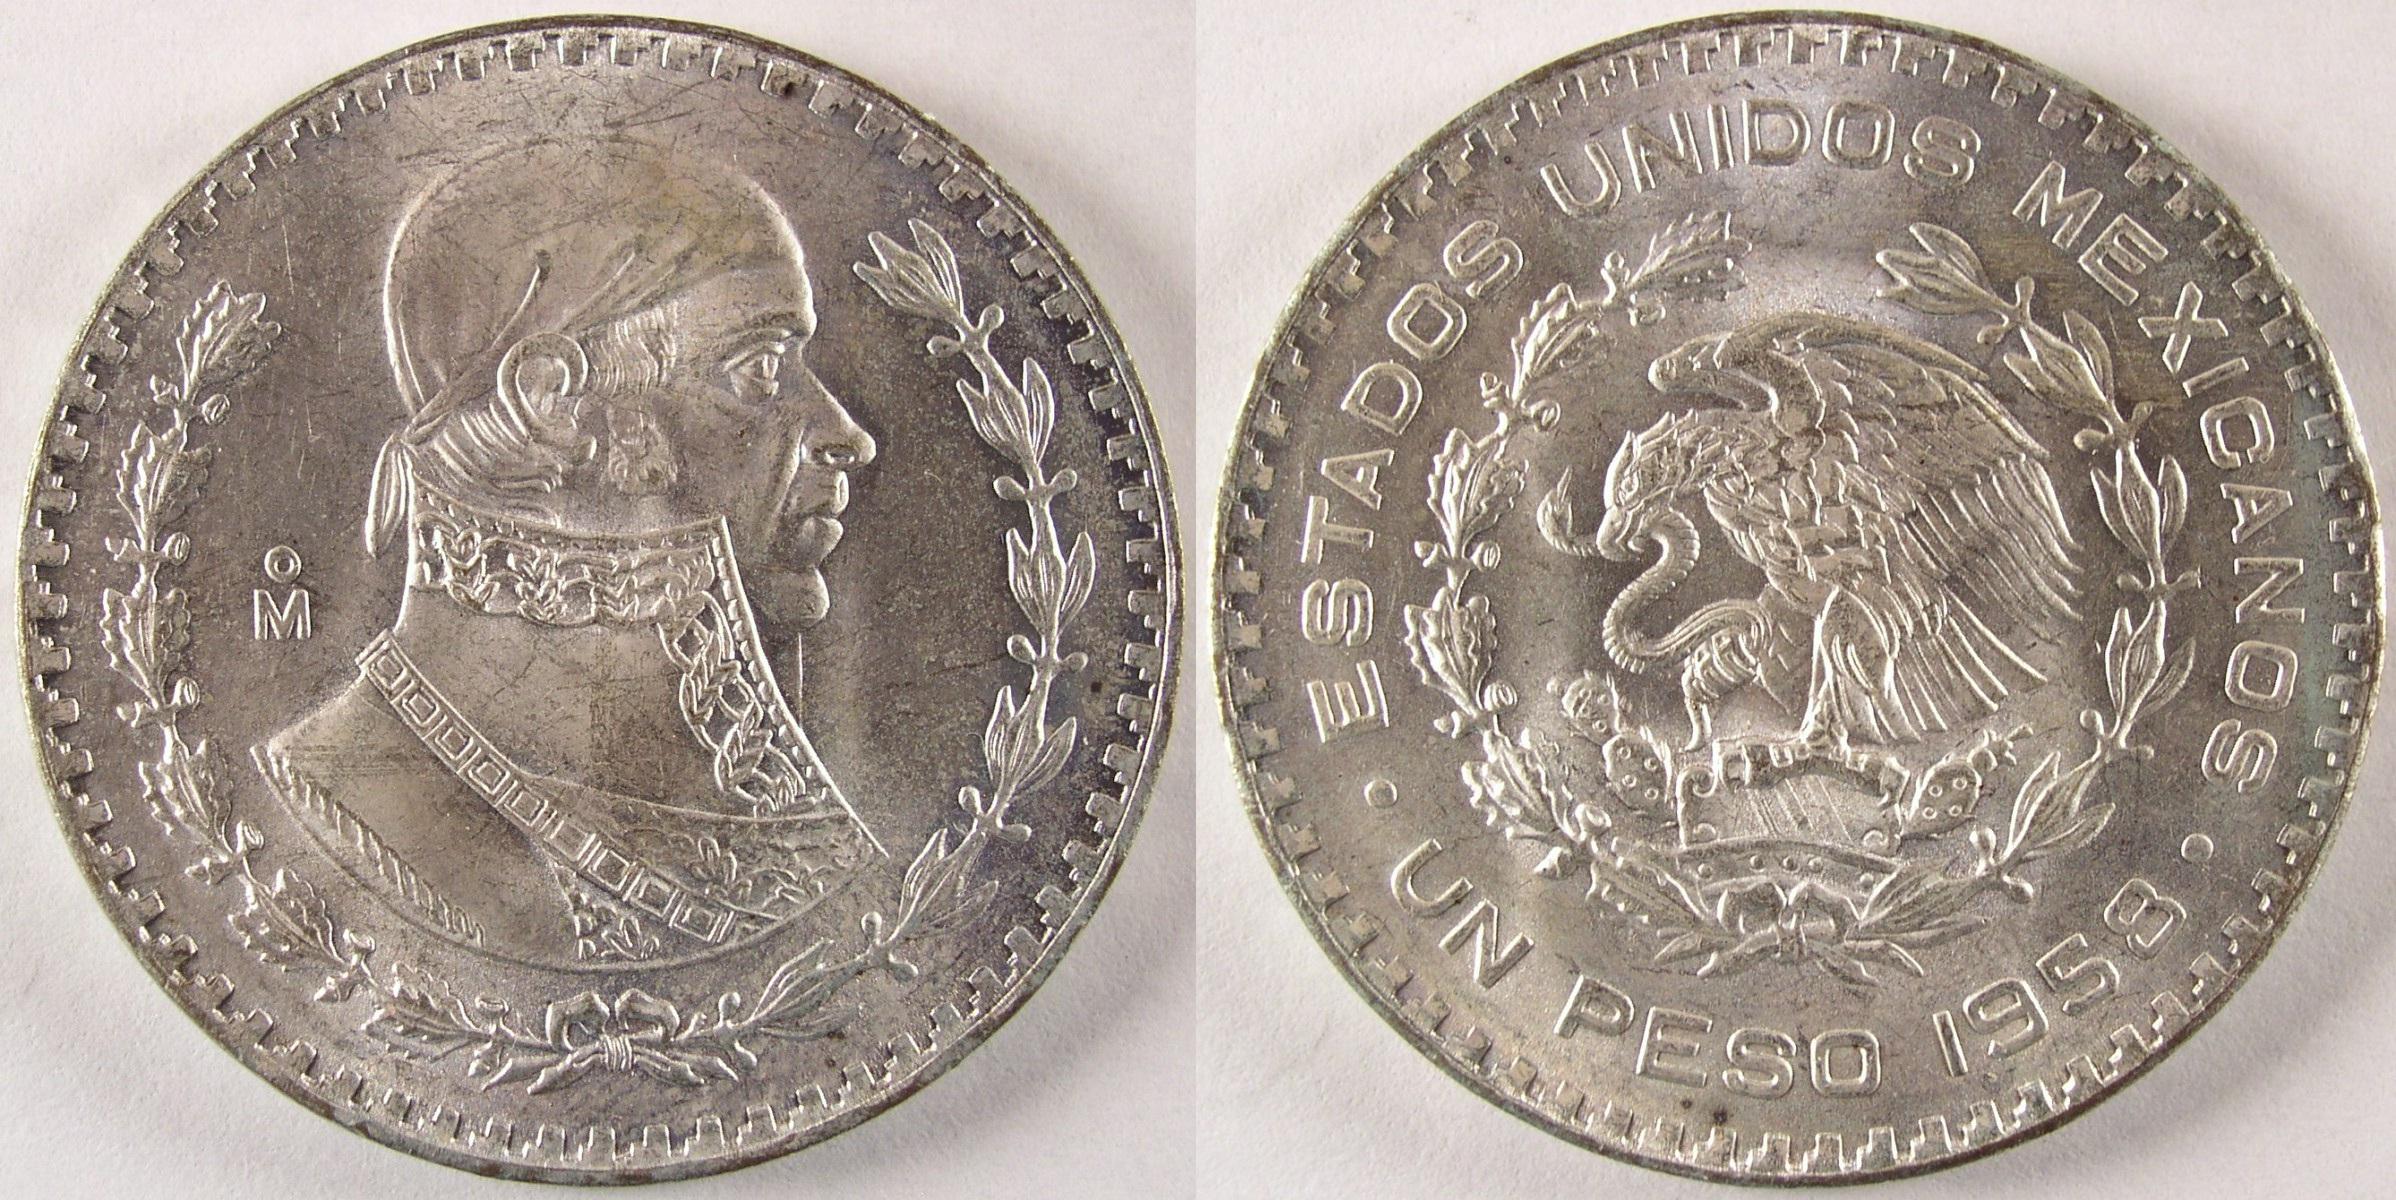 1957 To 1967 Circulated Issue Un Peso 1958 Mexico